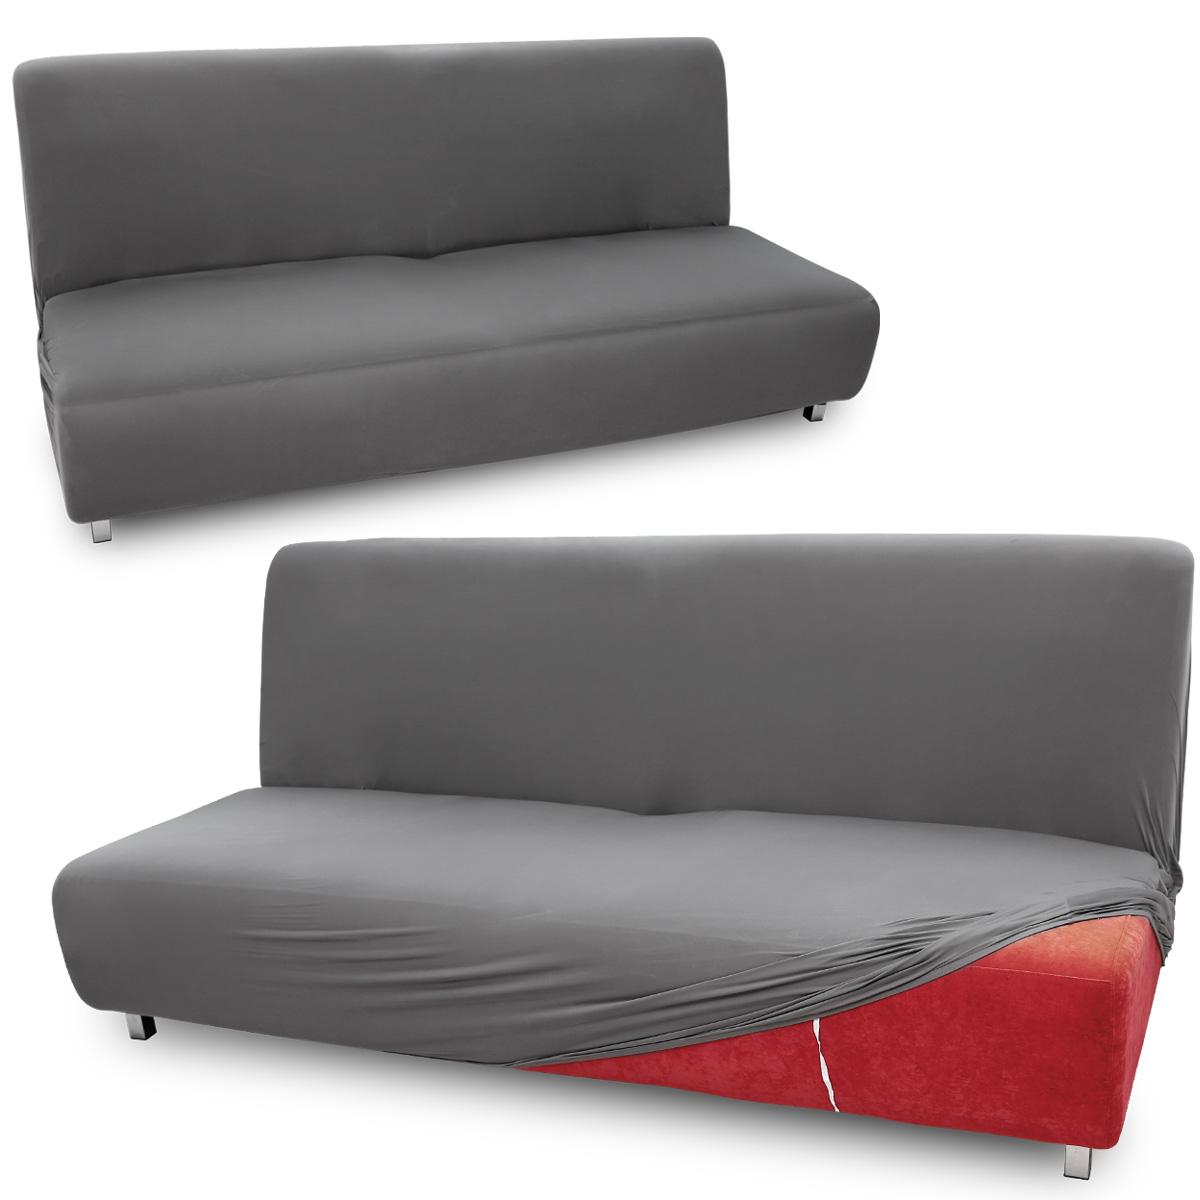 Fundas de sof elastica ajustable para sof s cama clic - Funda sofa ajustable ...